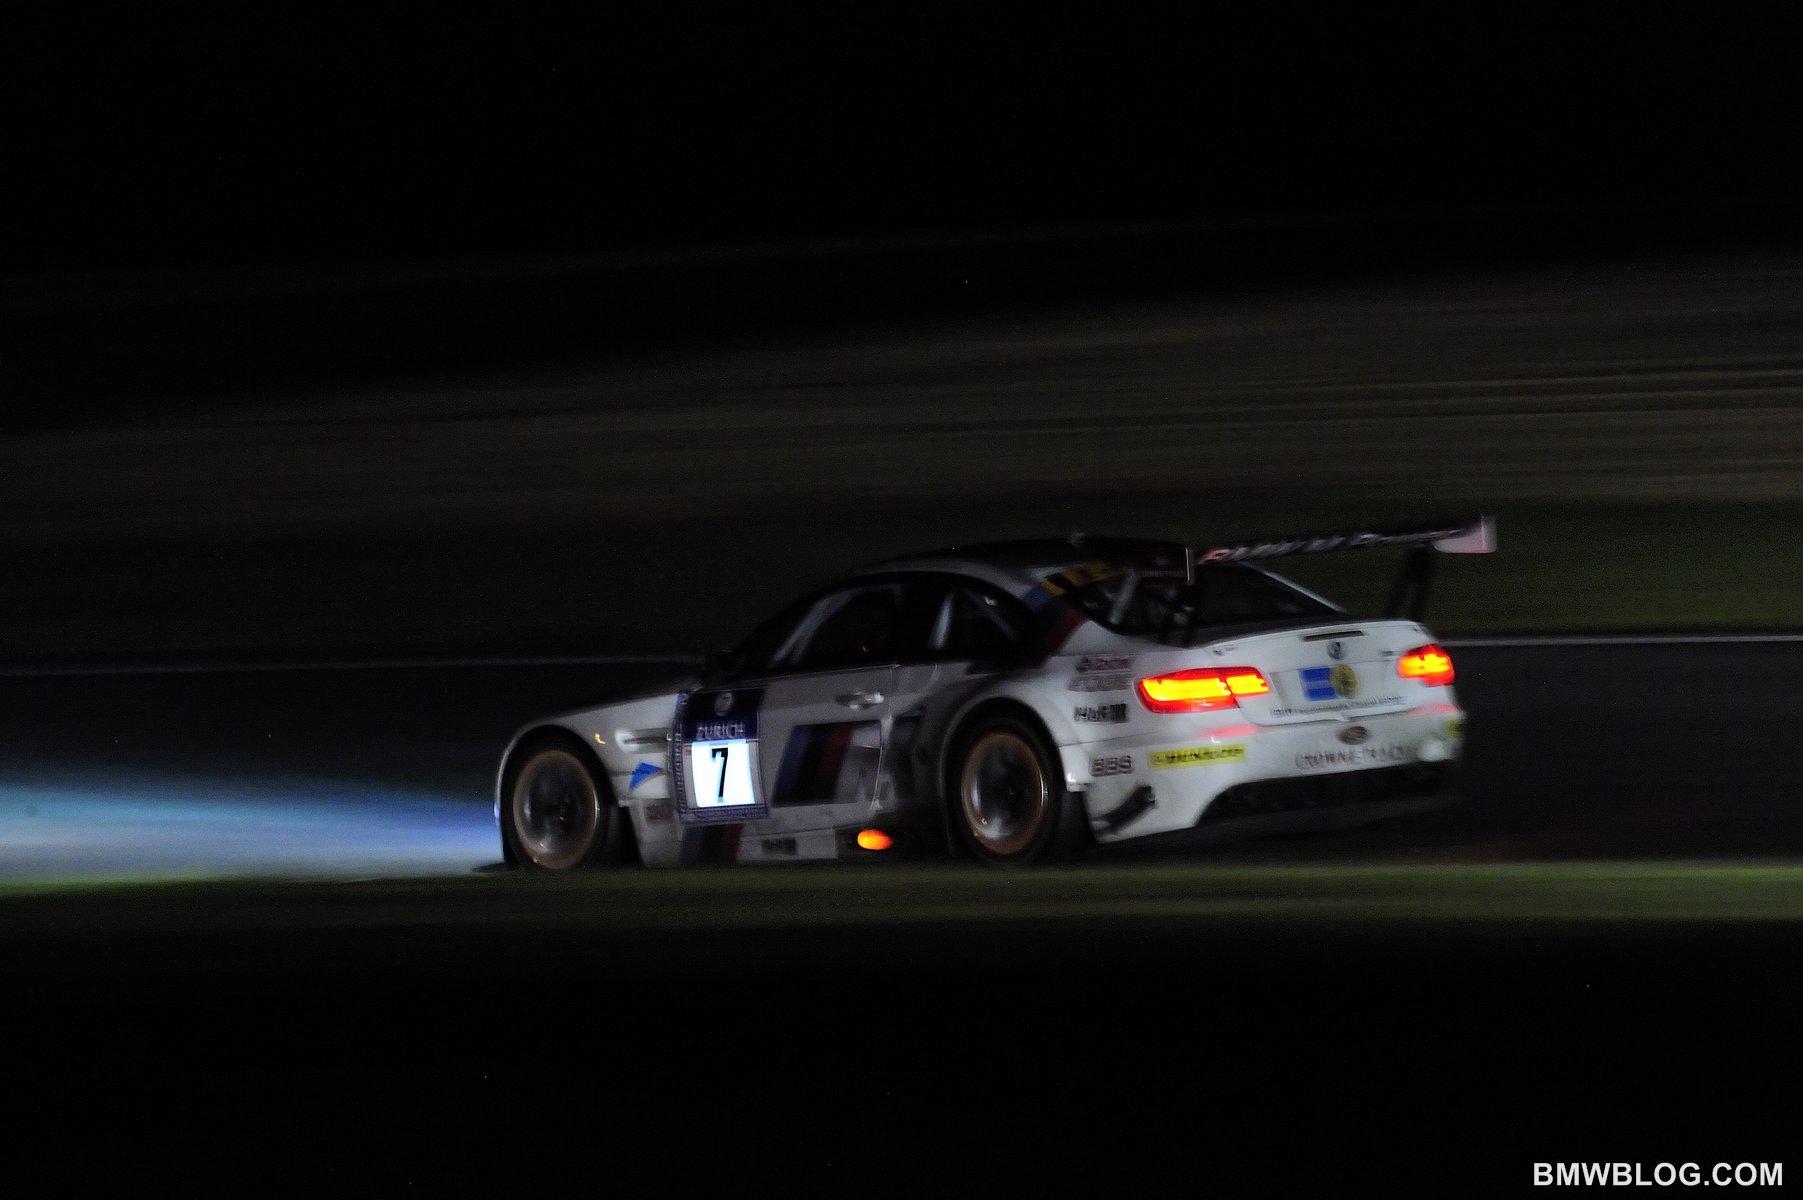 bmw nurburgring 01